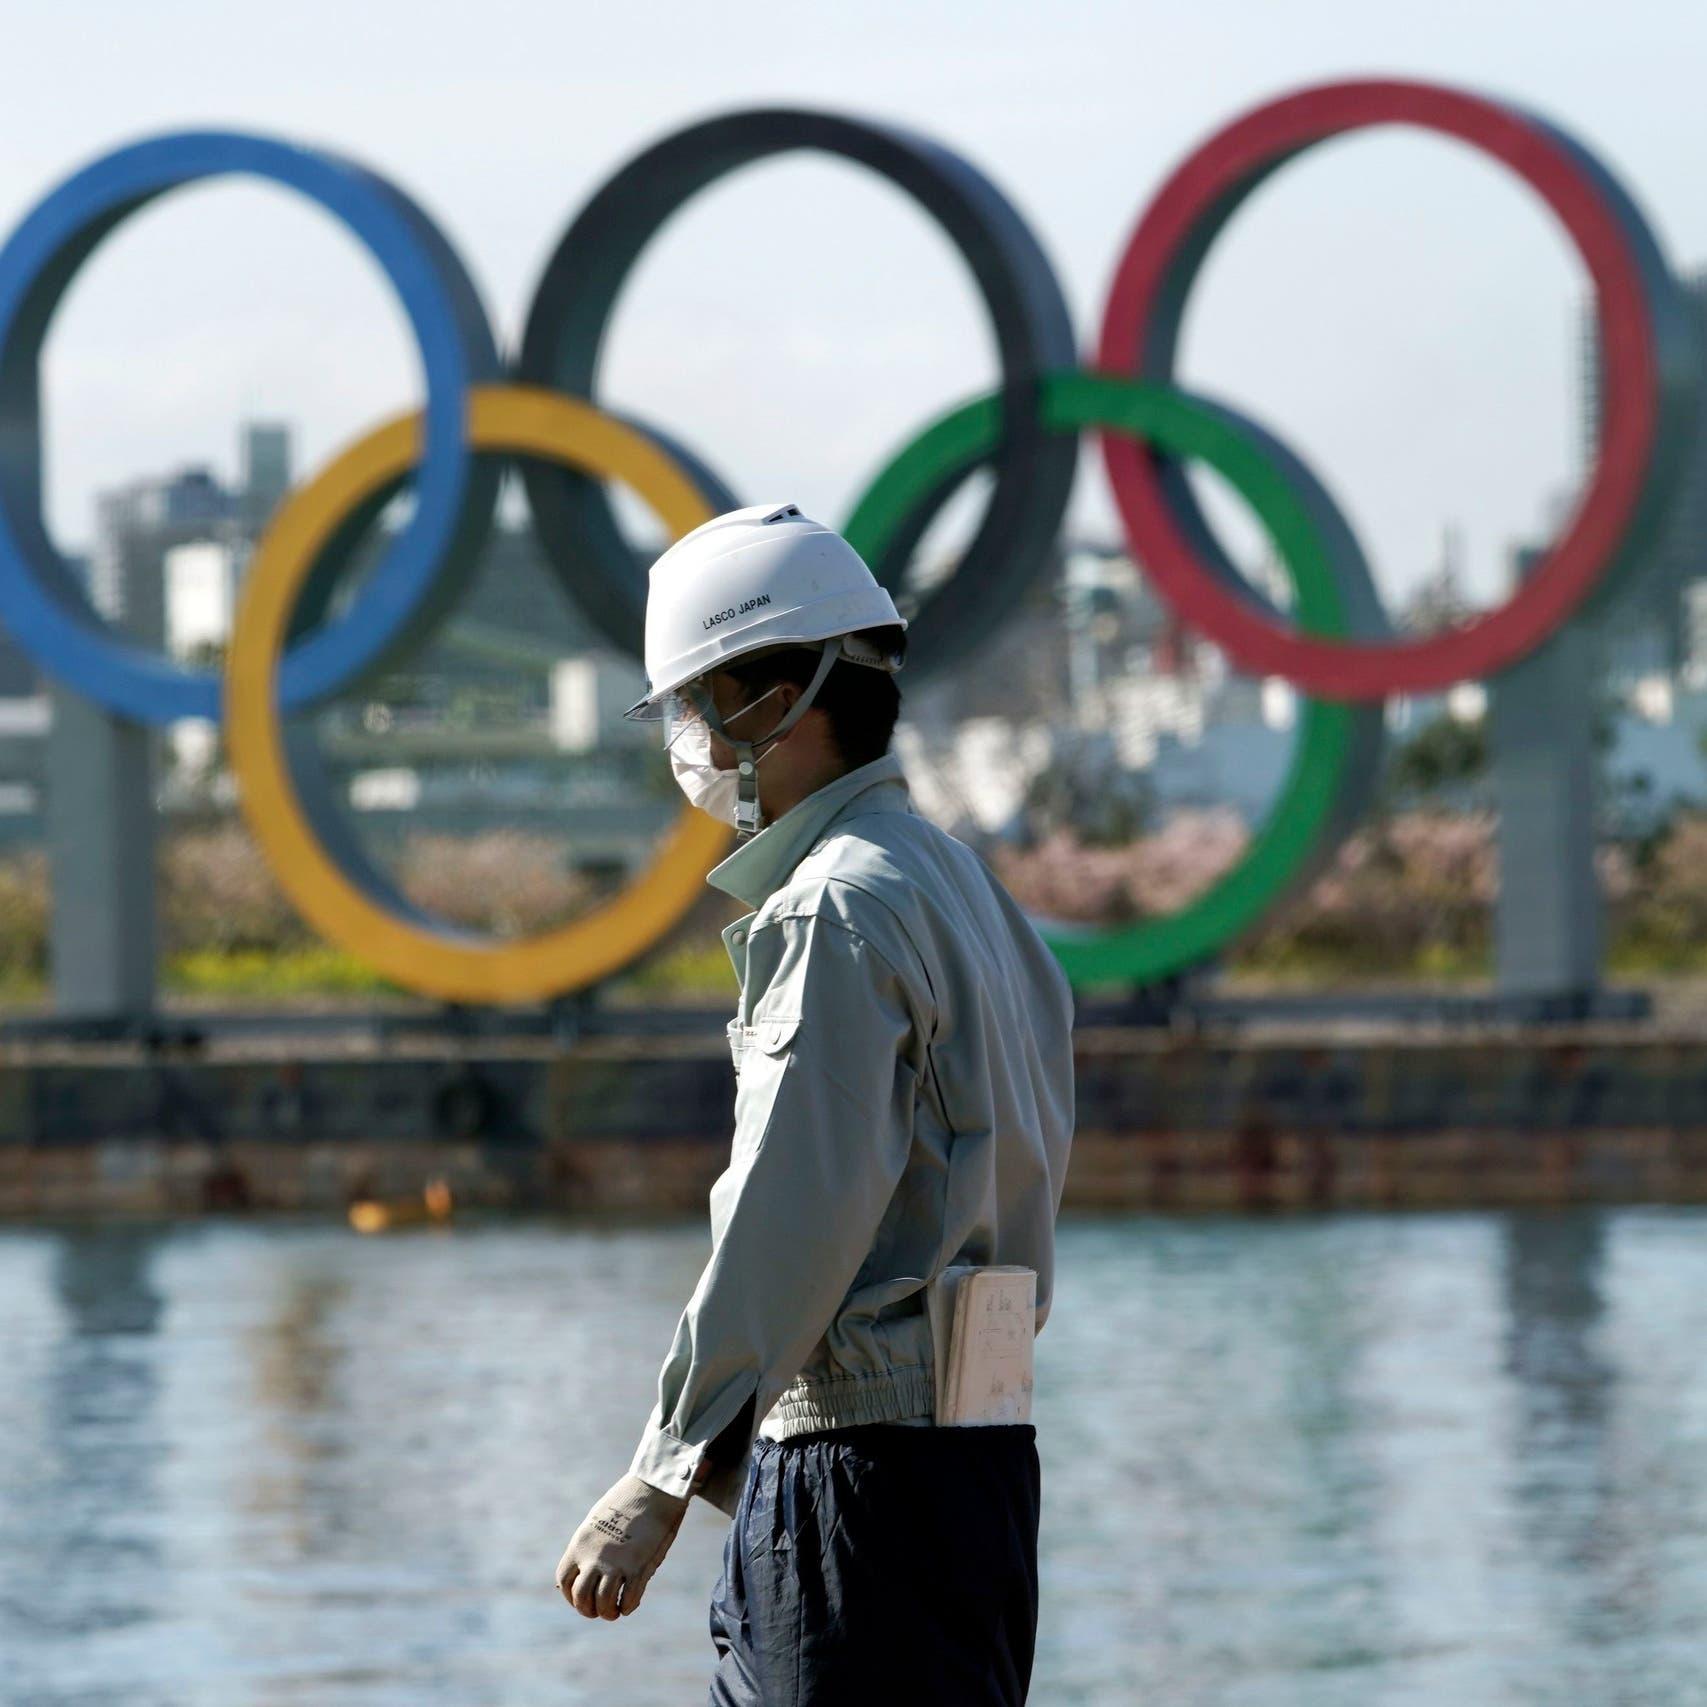 14 راعياً لأولمبياد طوكيو ينسحبون وسط توقعات بمنع الجمهور من الحضور